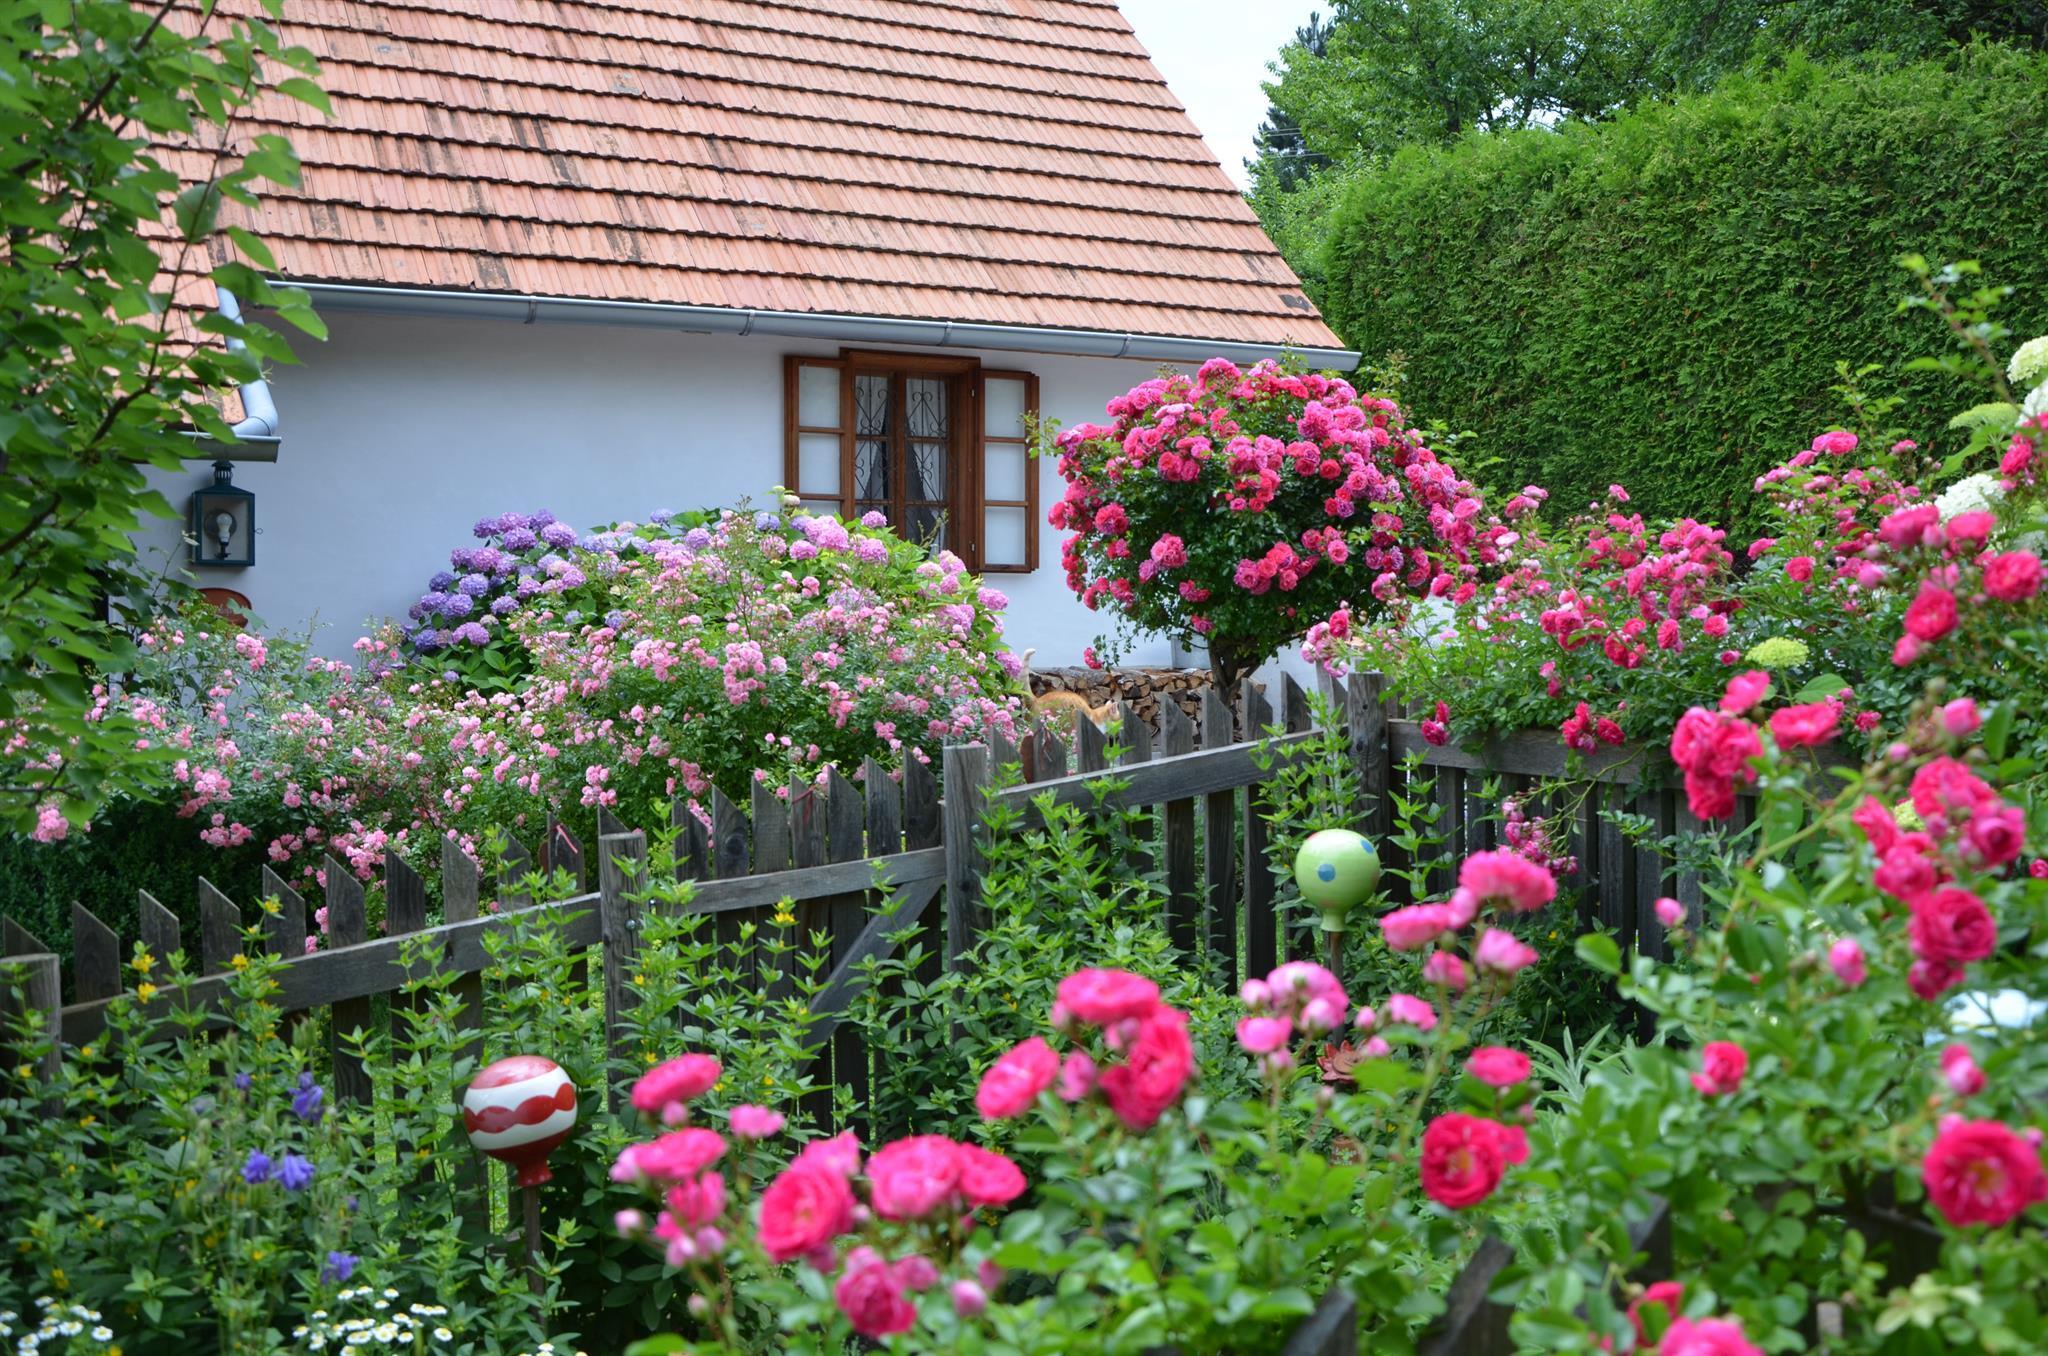 Ferienhaus Moarhofstöckl Kräutergarten